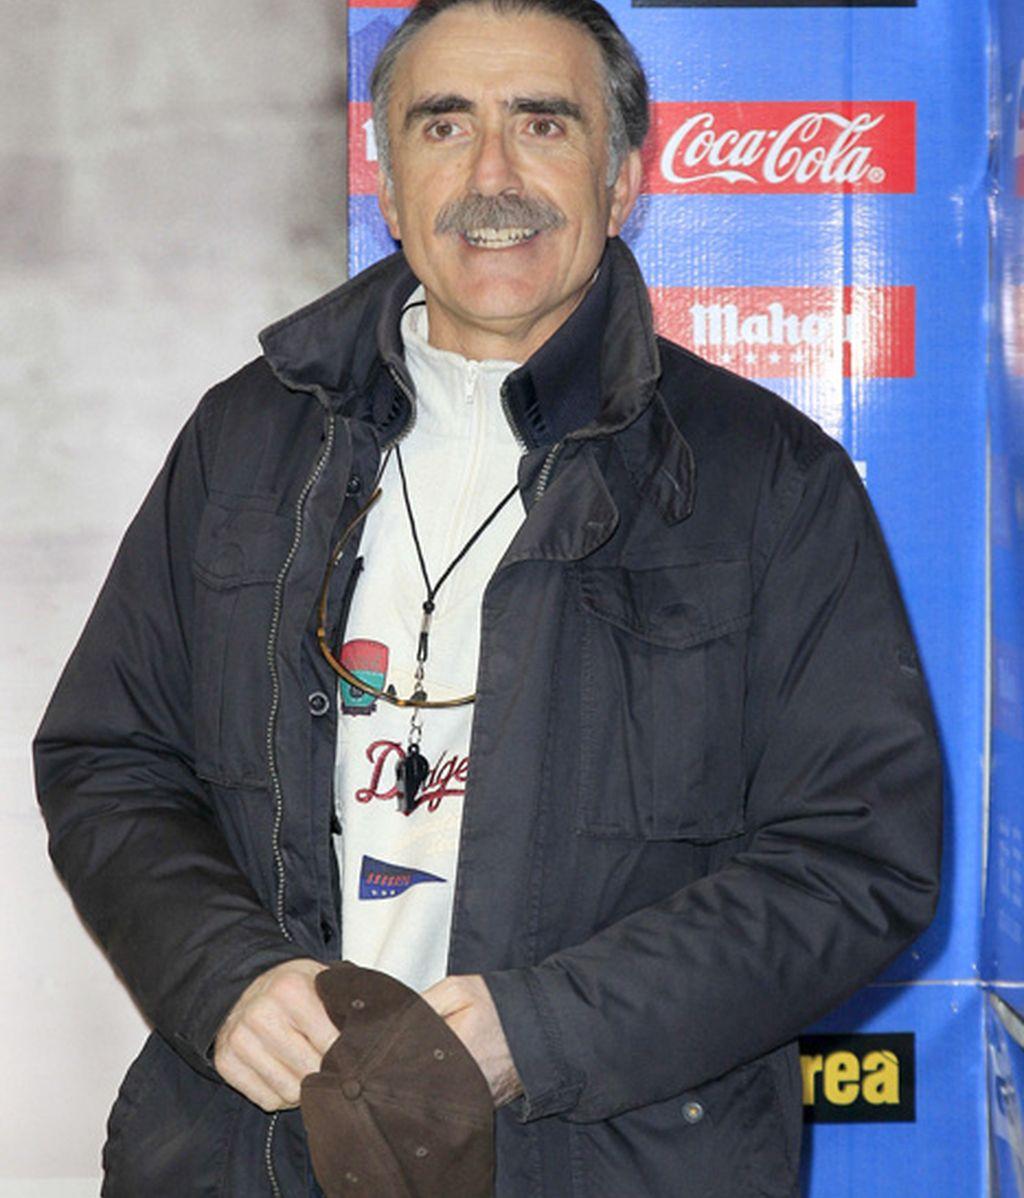 Juan Y Medio, un habitual de este tipo de saraos